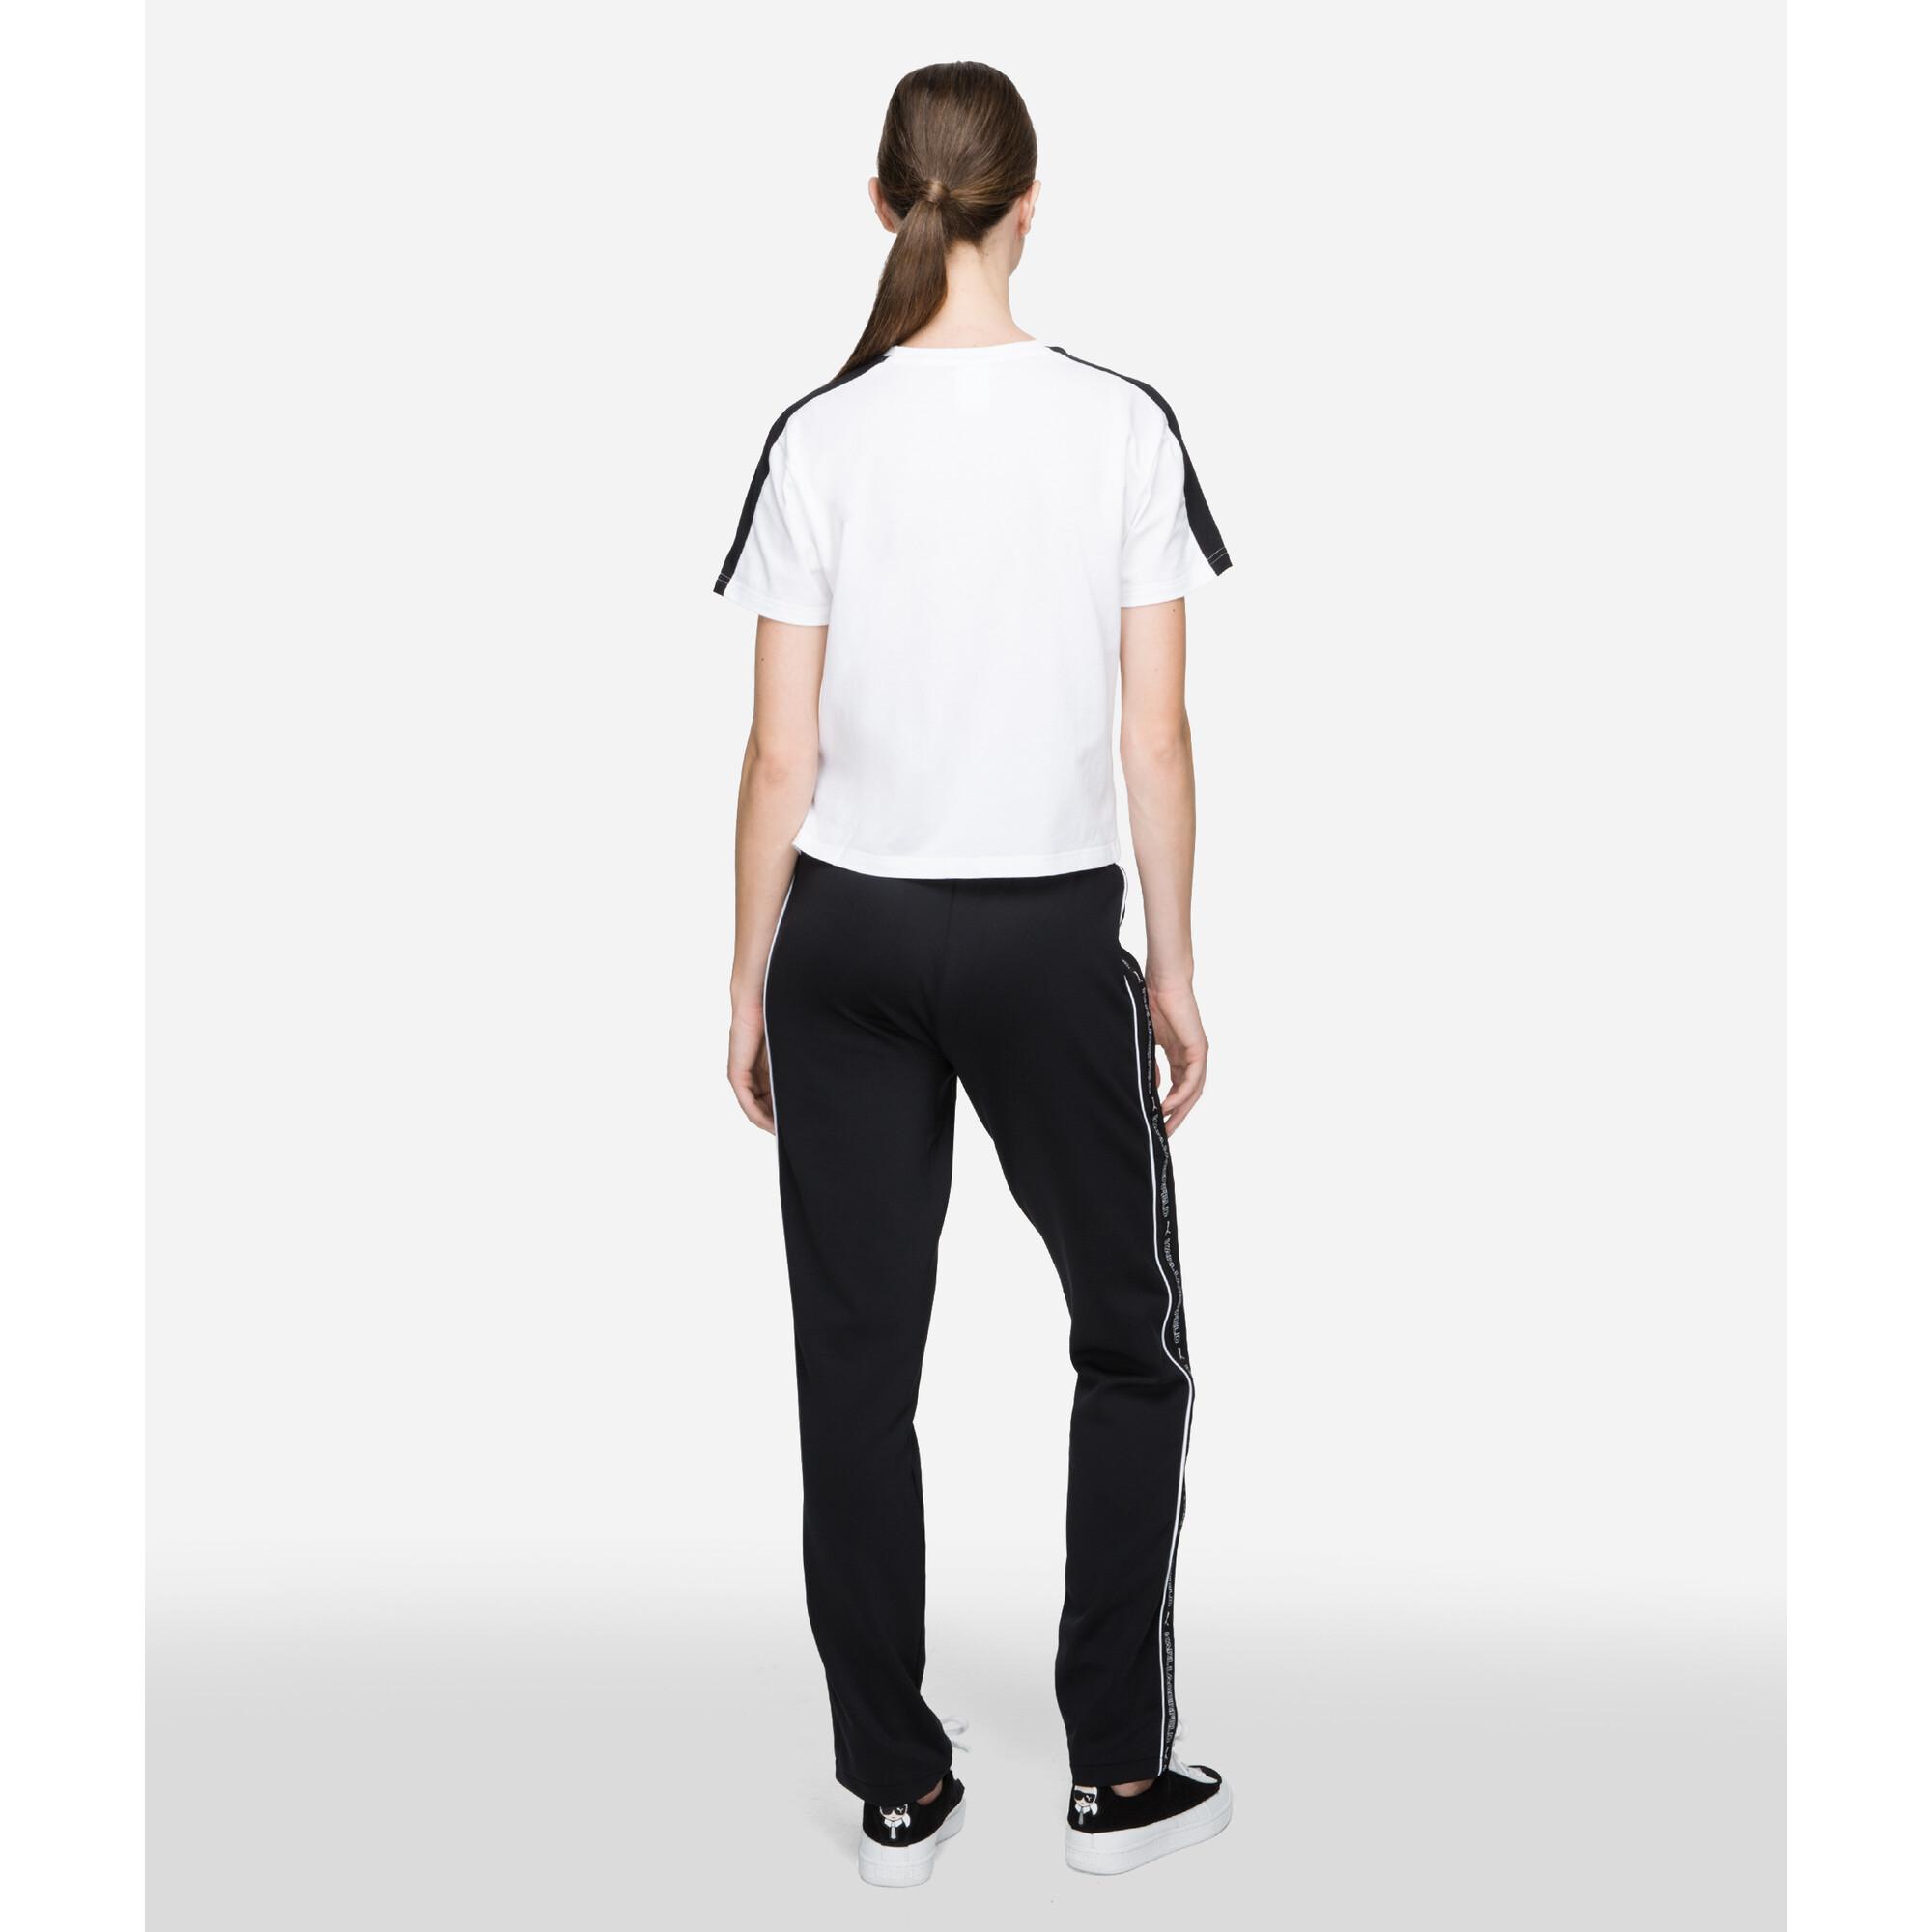 Image Puma PUMA x KARL LAGERFELD T7 Women's Tight Sweatpants #2